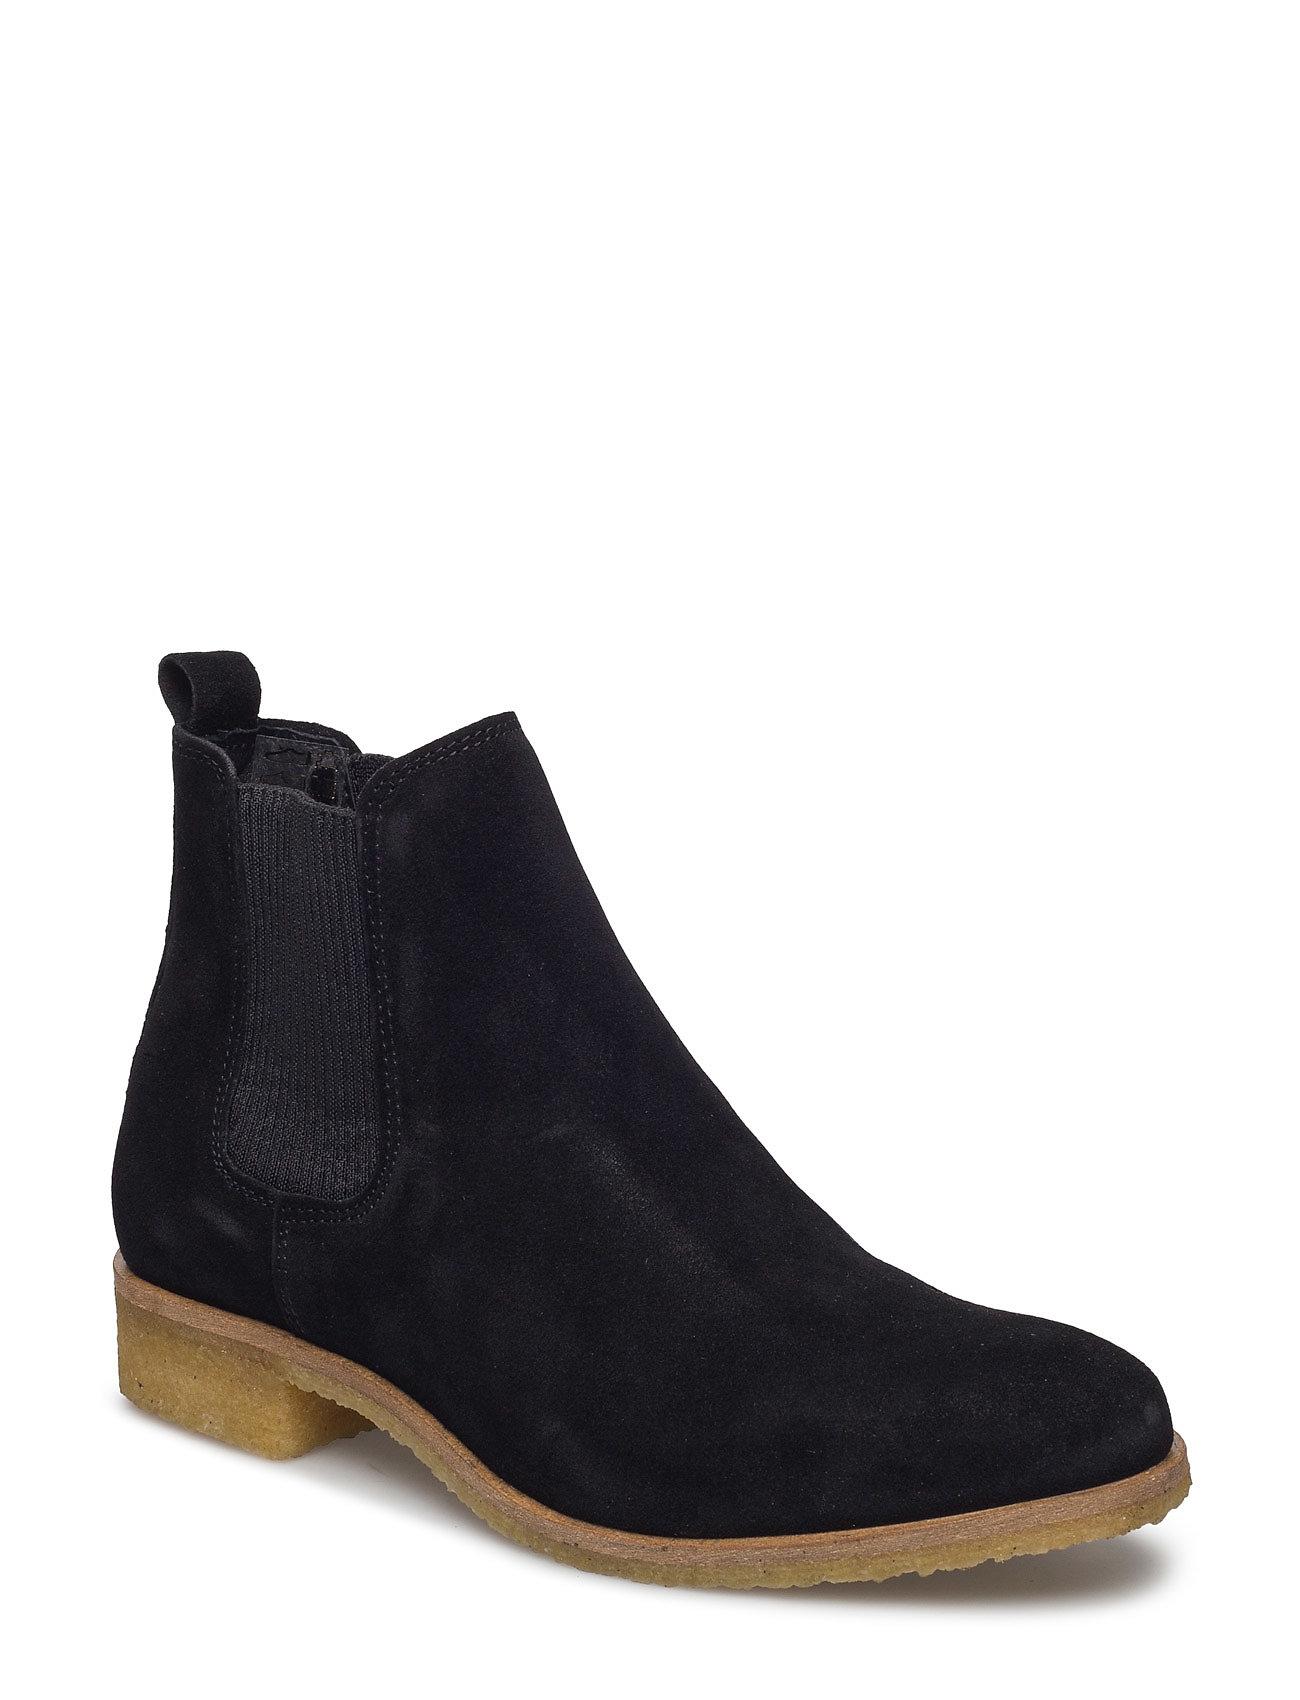 Stb1204 Shoe The Bear Støvler til Damer i Sort